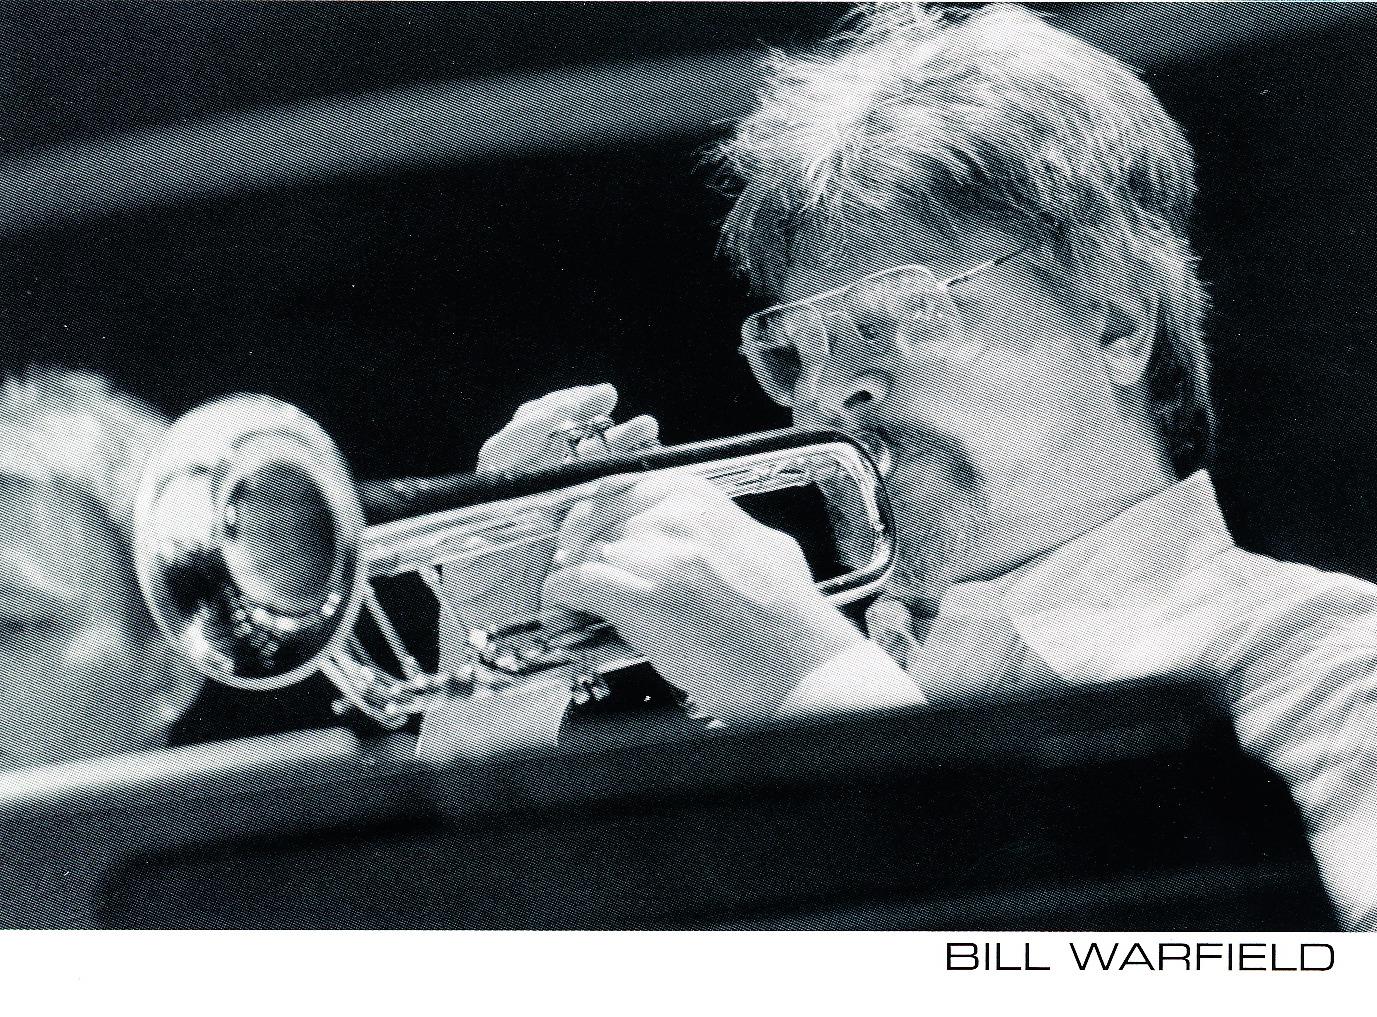 Bill Warfield